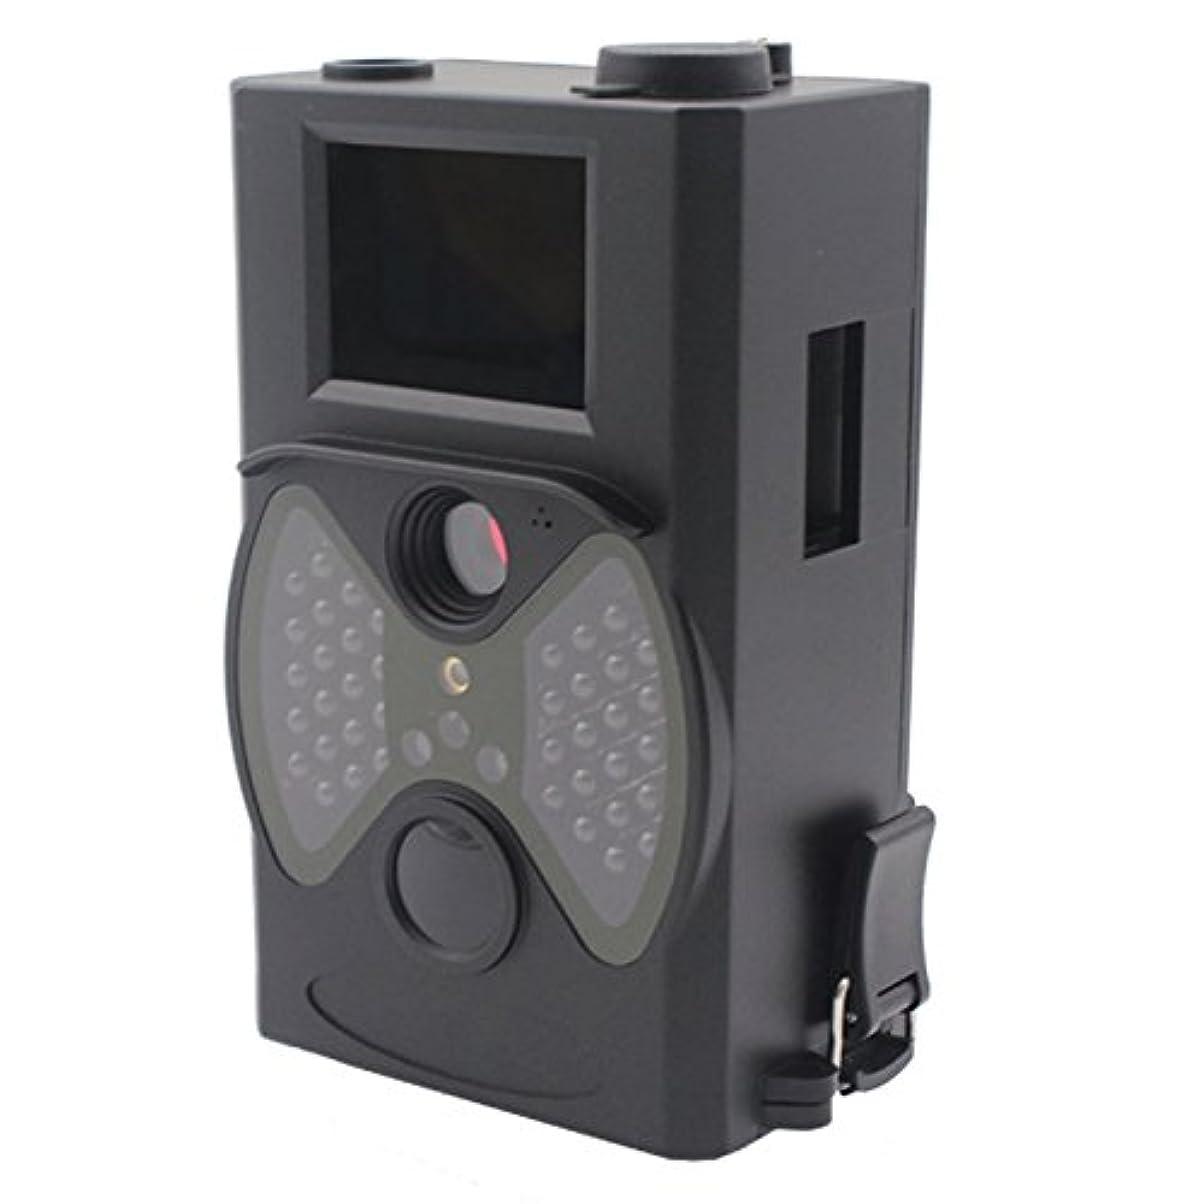 シャツオピエート生き残り防犯カメラ 人体検知 人感センサー 防水 赤外線 HD 画質 SDカード 屋外 駐車場 車上荒らし 赤外線カメラ 監視カメラ トレイルカメラ 日本語マニュアル 1年保証